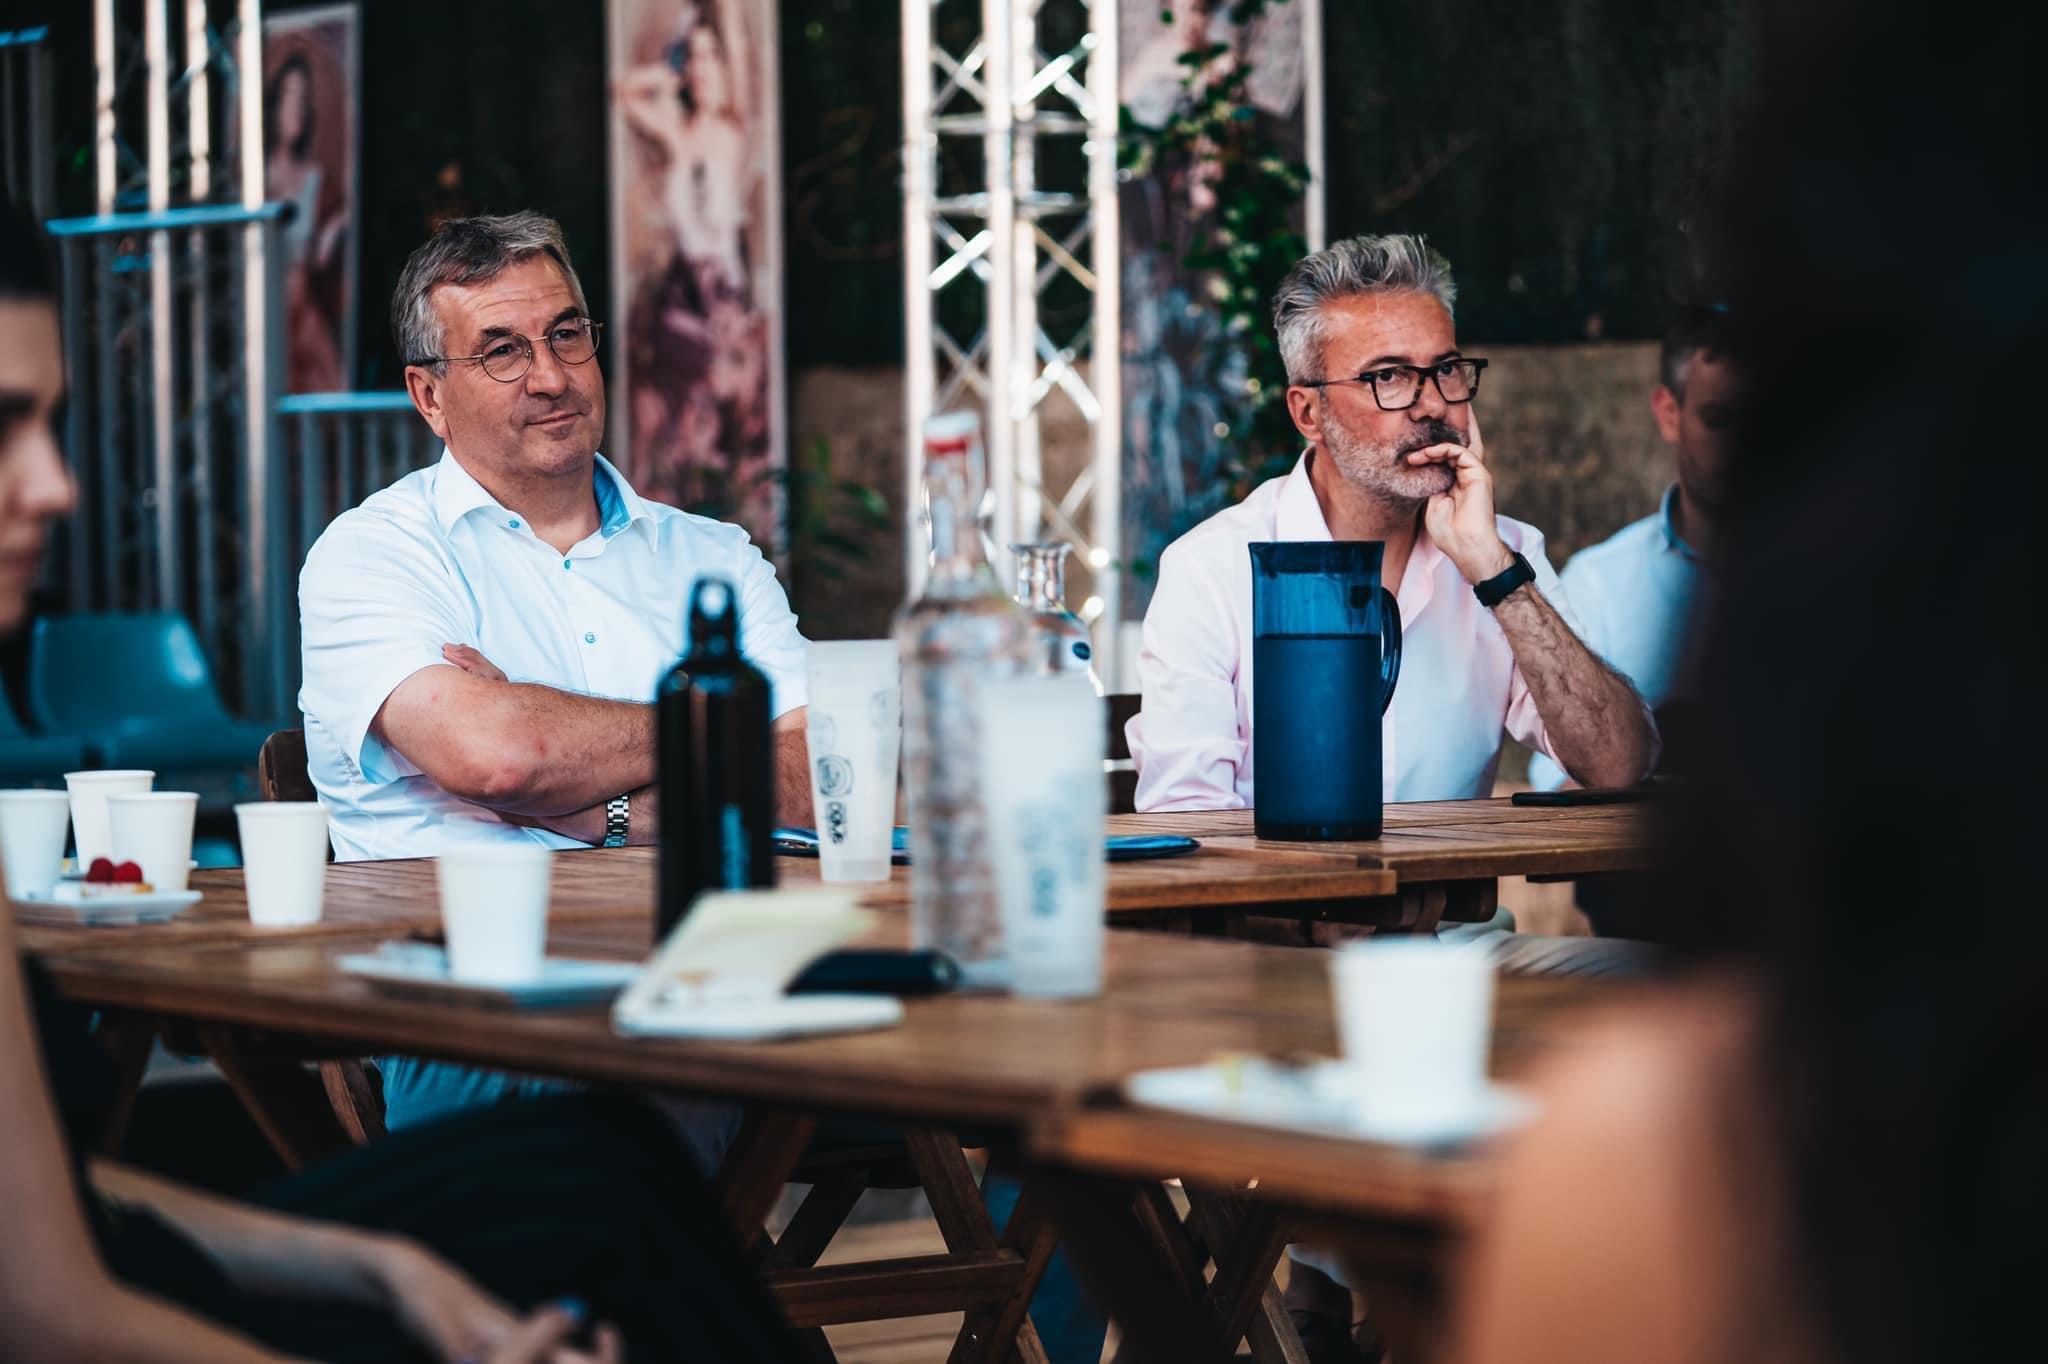 Pierre-Yves Jeholet, Ministre-Président de la Fédération Wallonie-Bruxelles, et Alain Cofino Gomez, Directeur du Théâtre des Doms